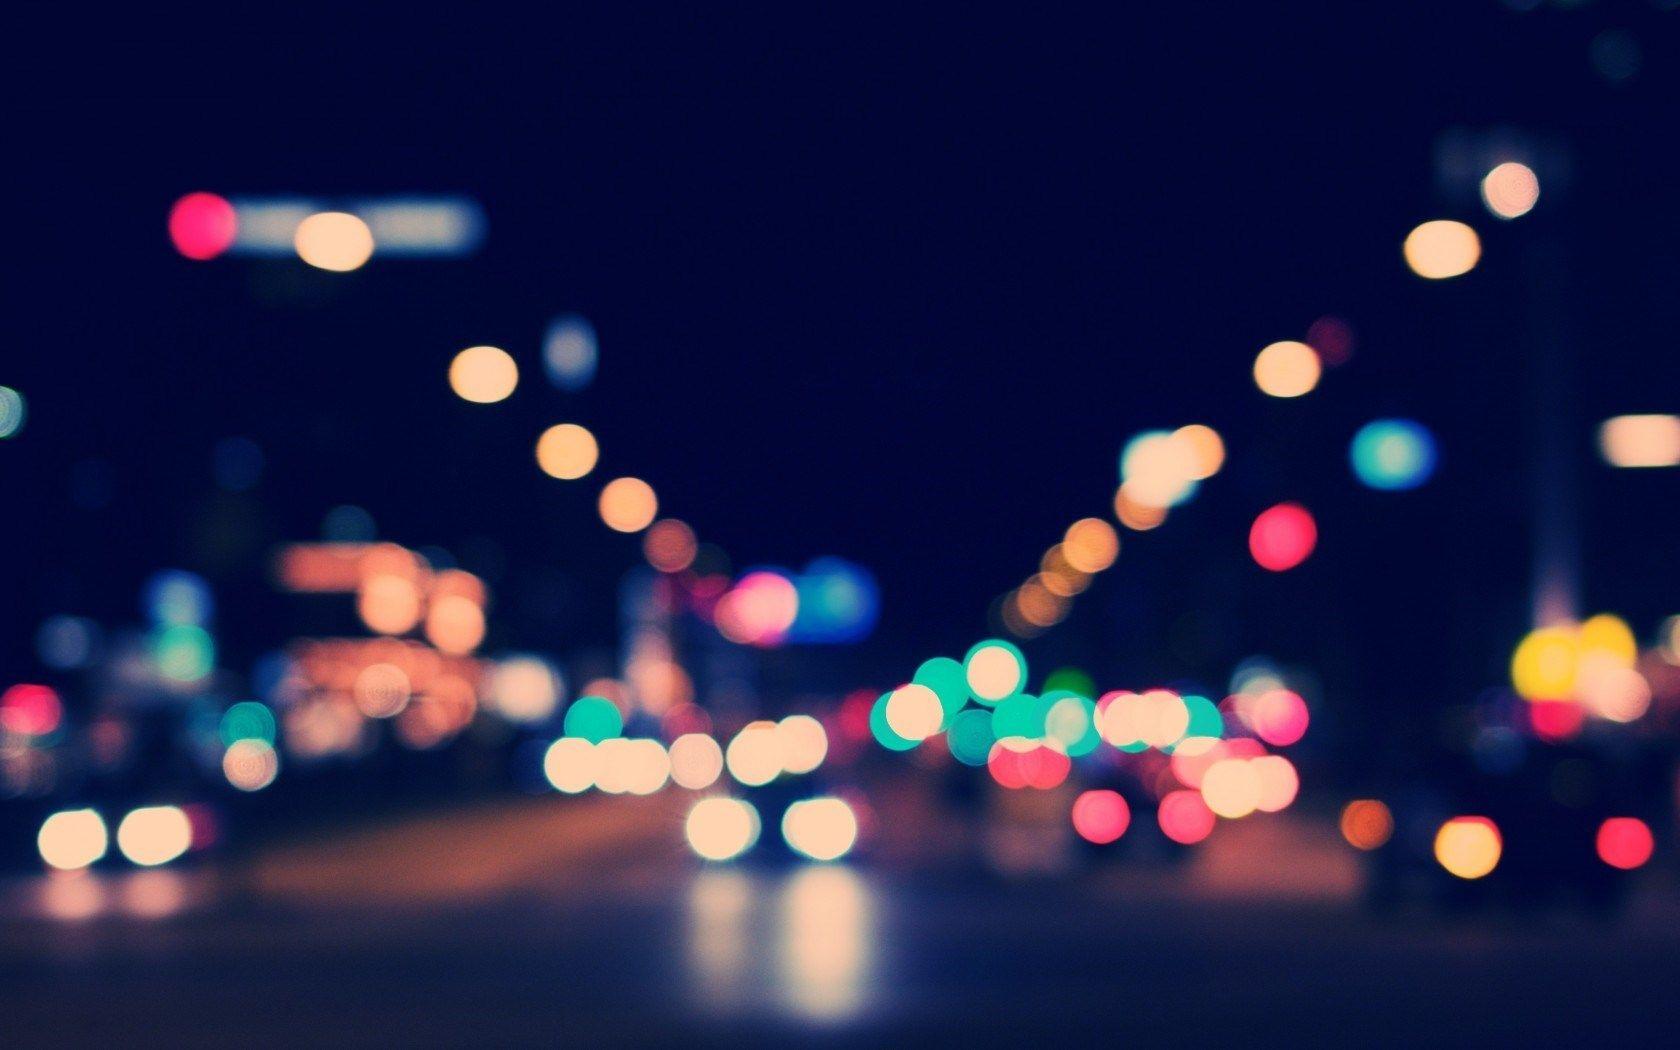 Urban Industrial Light